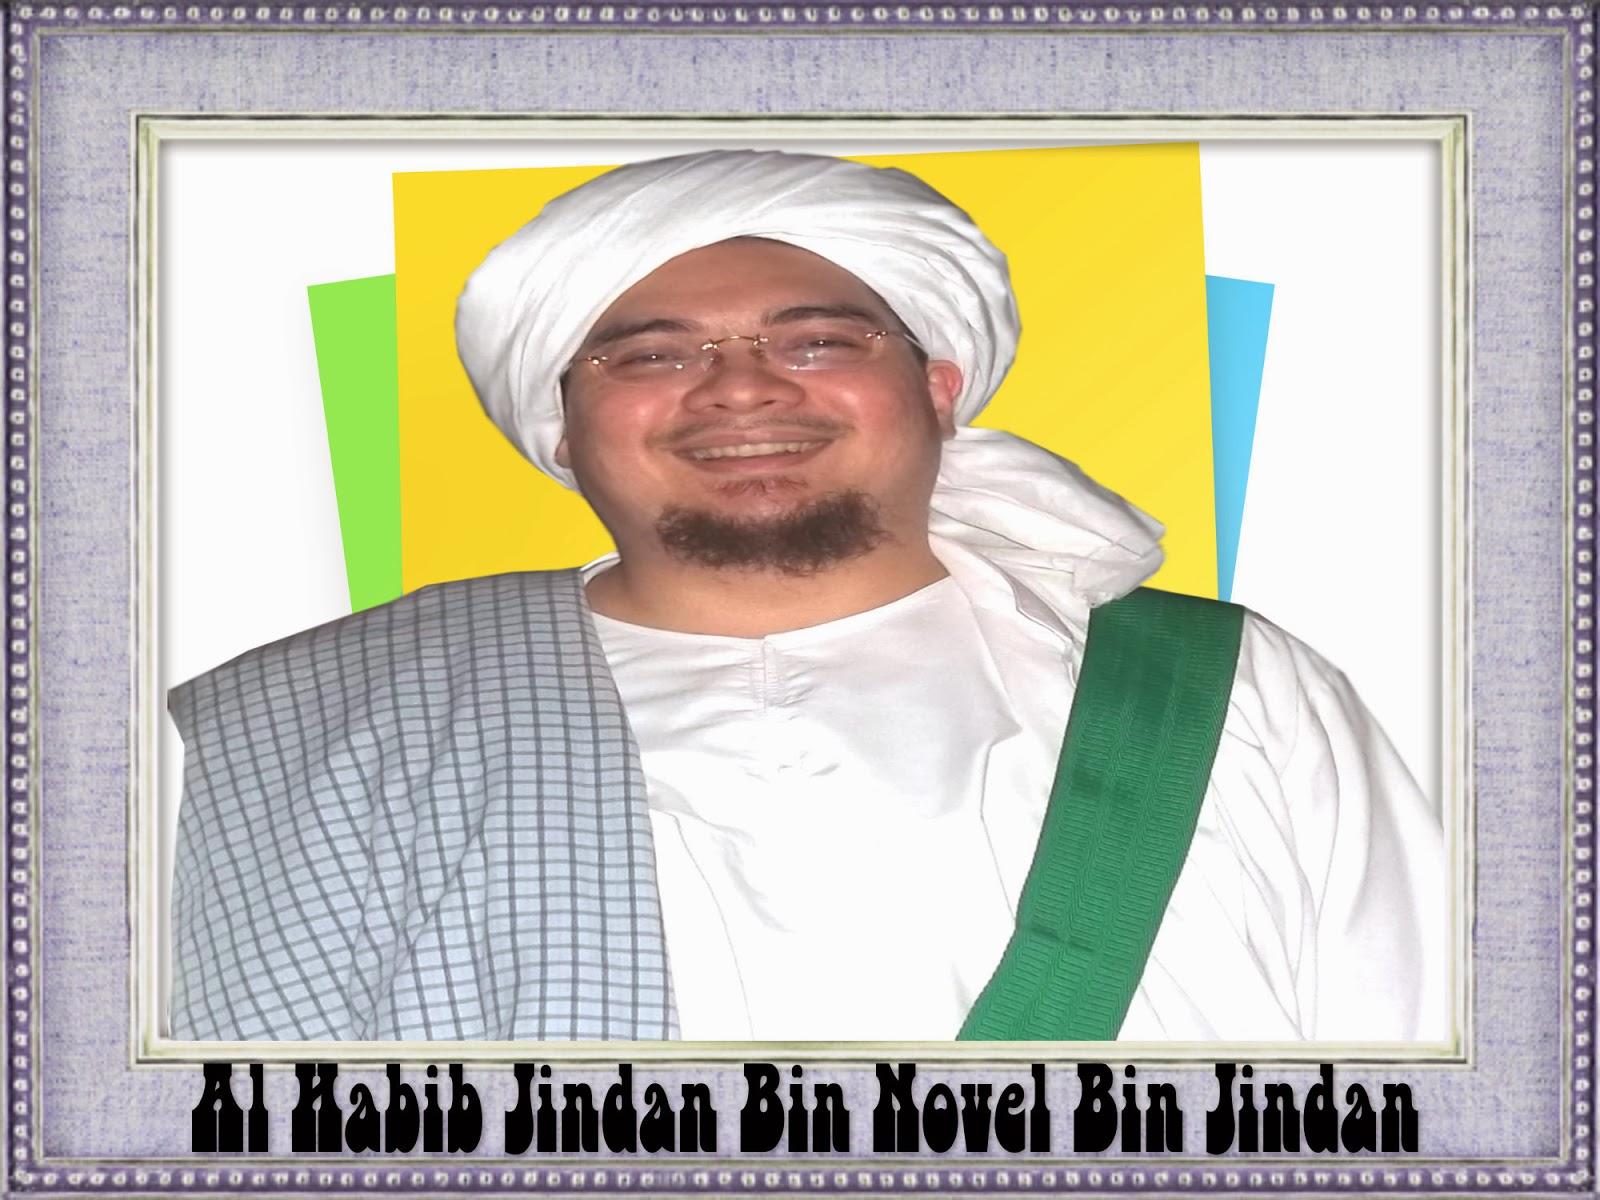 Kisah Teladan Islami Habib Jindan Bin Novel Bin Salim Bin Jindan